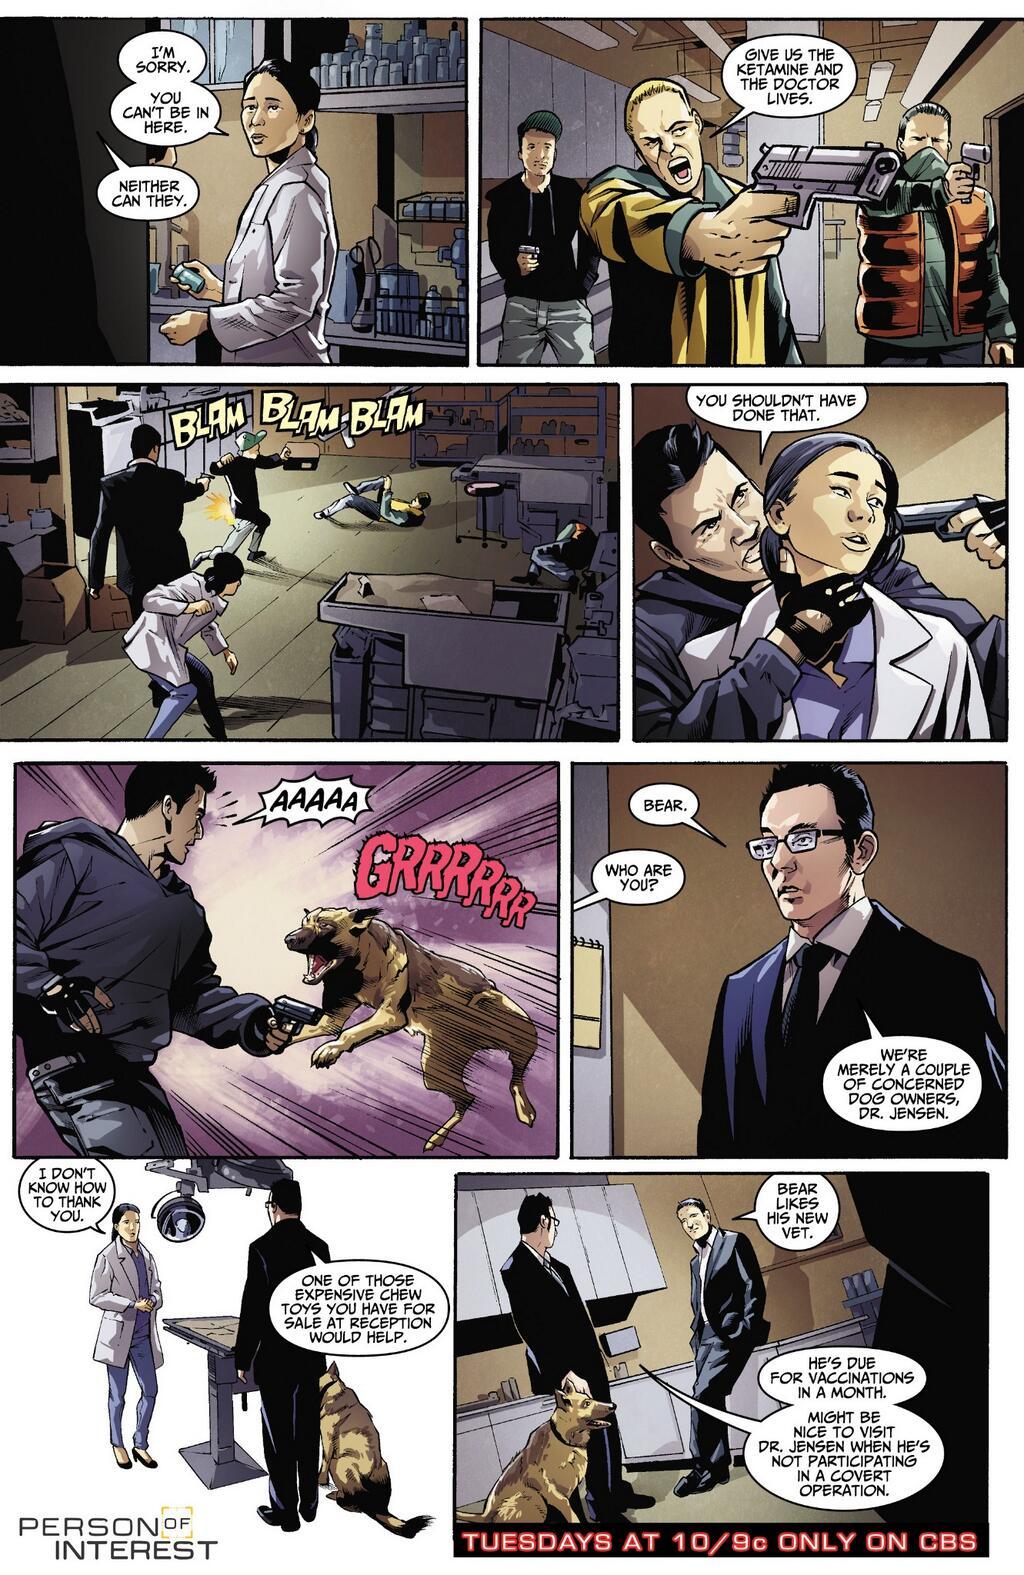 Comic 3x04 - Reasonable Doubt